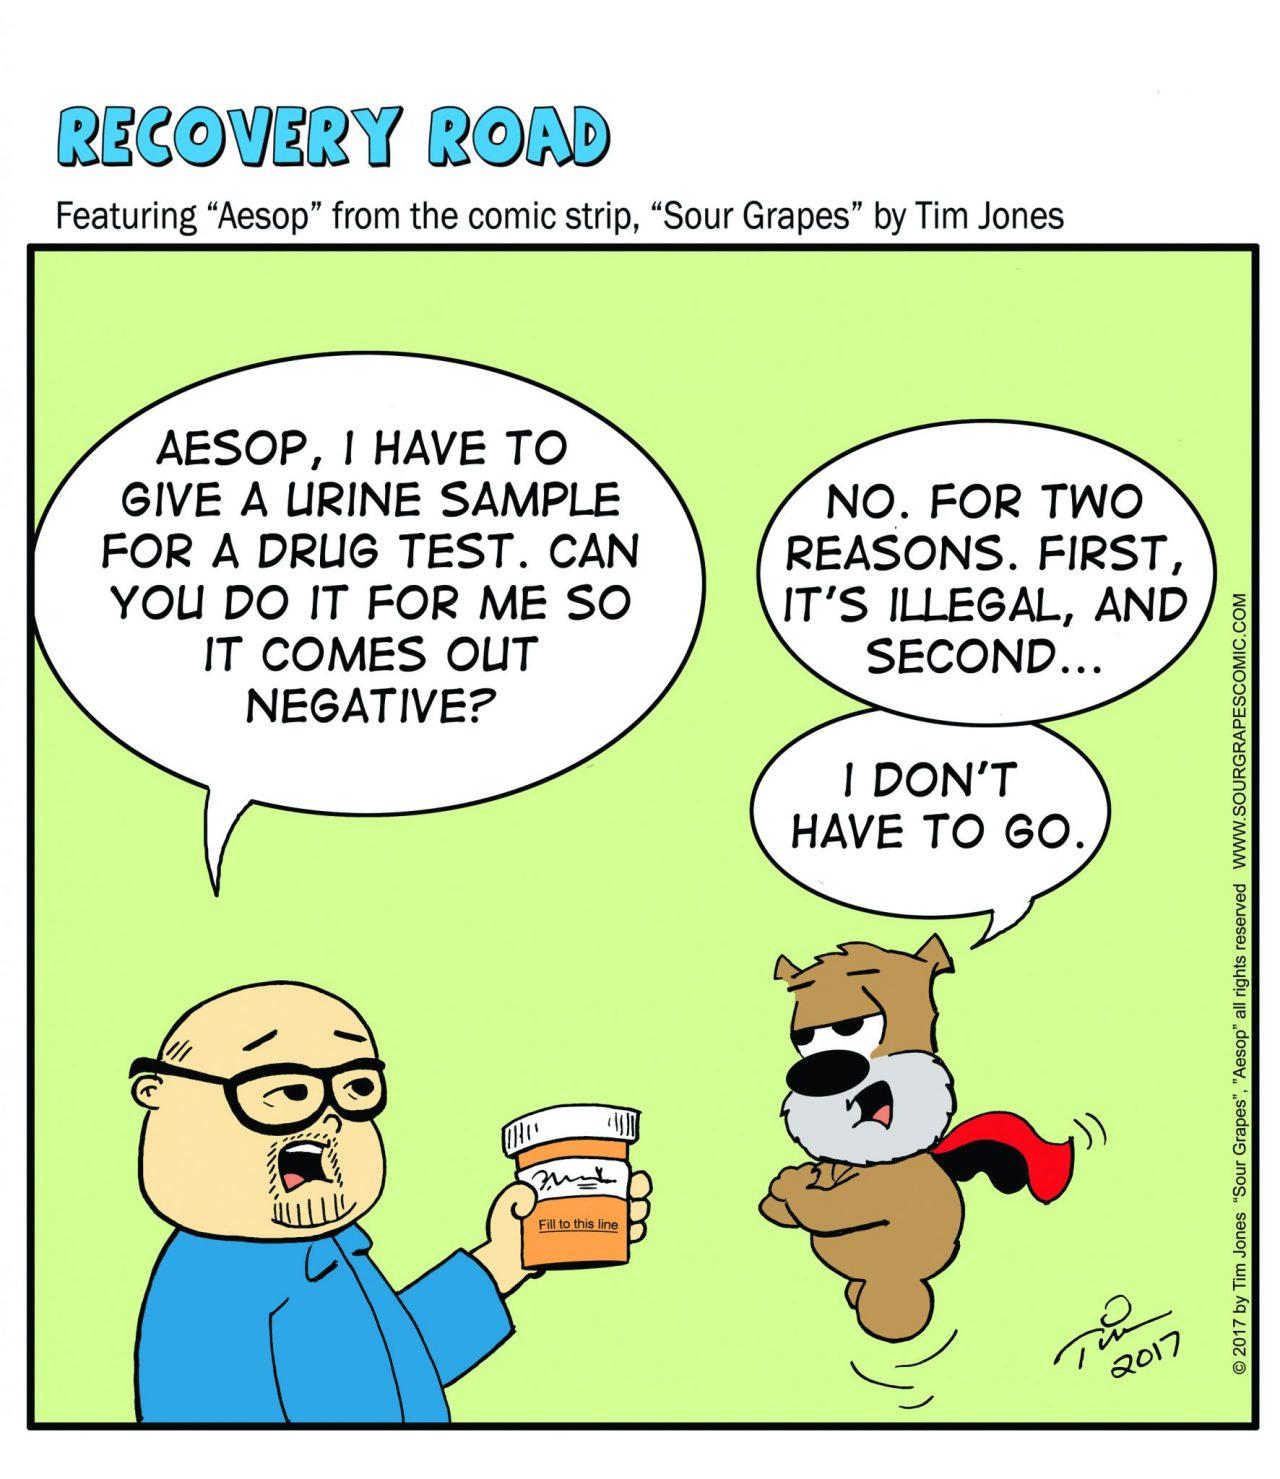 RR-drug-test-6-30-17